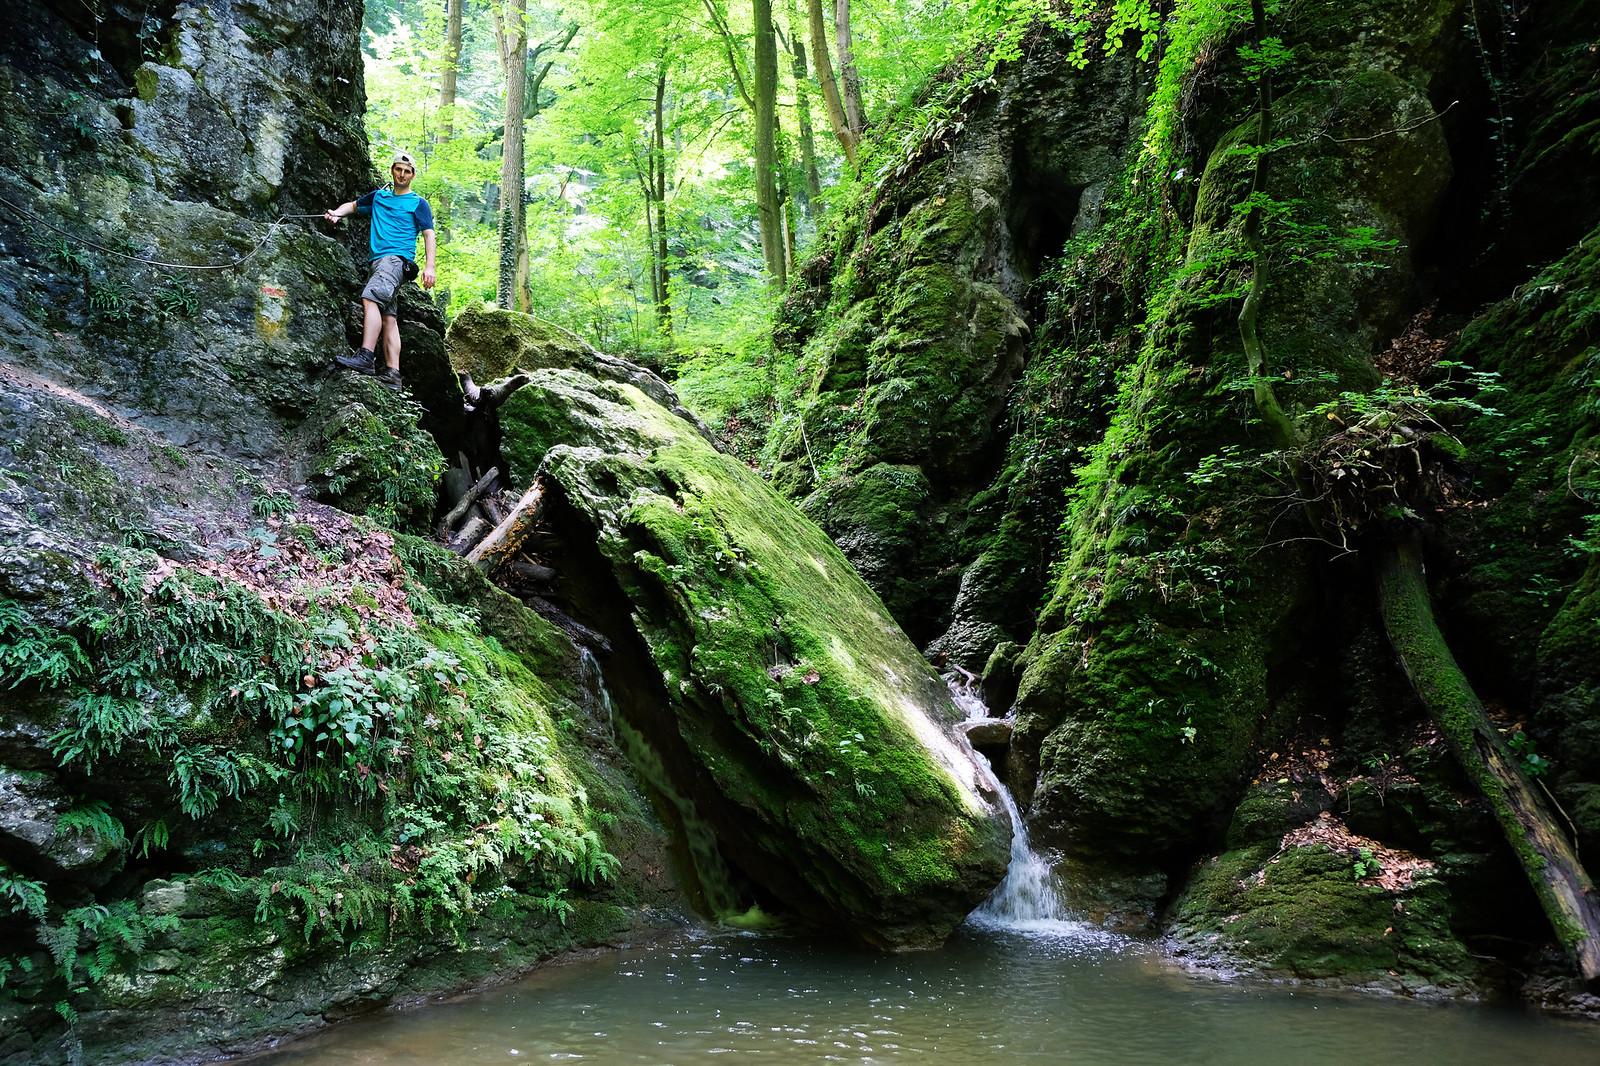 Ördög-árok gorge, Bakony Mountains, Hungary